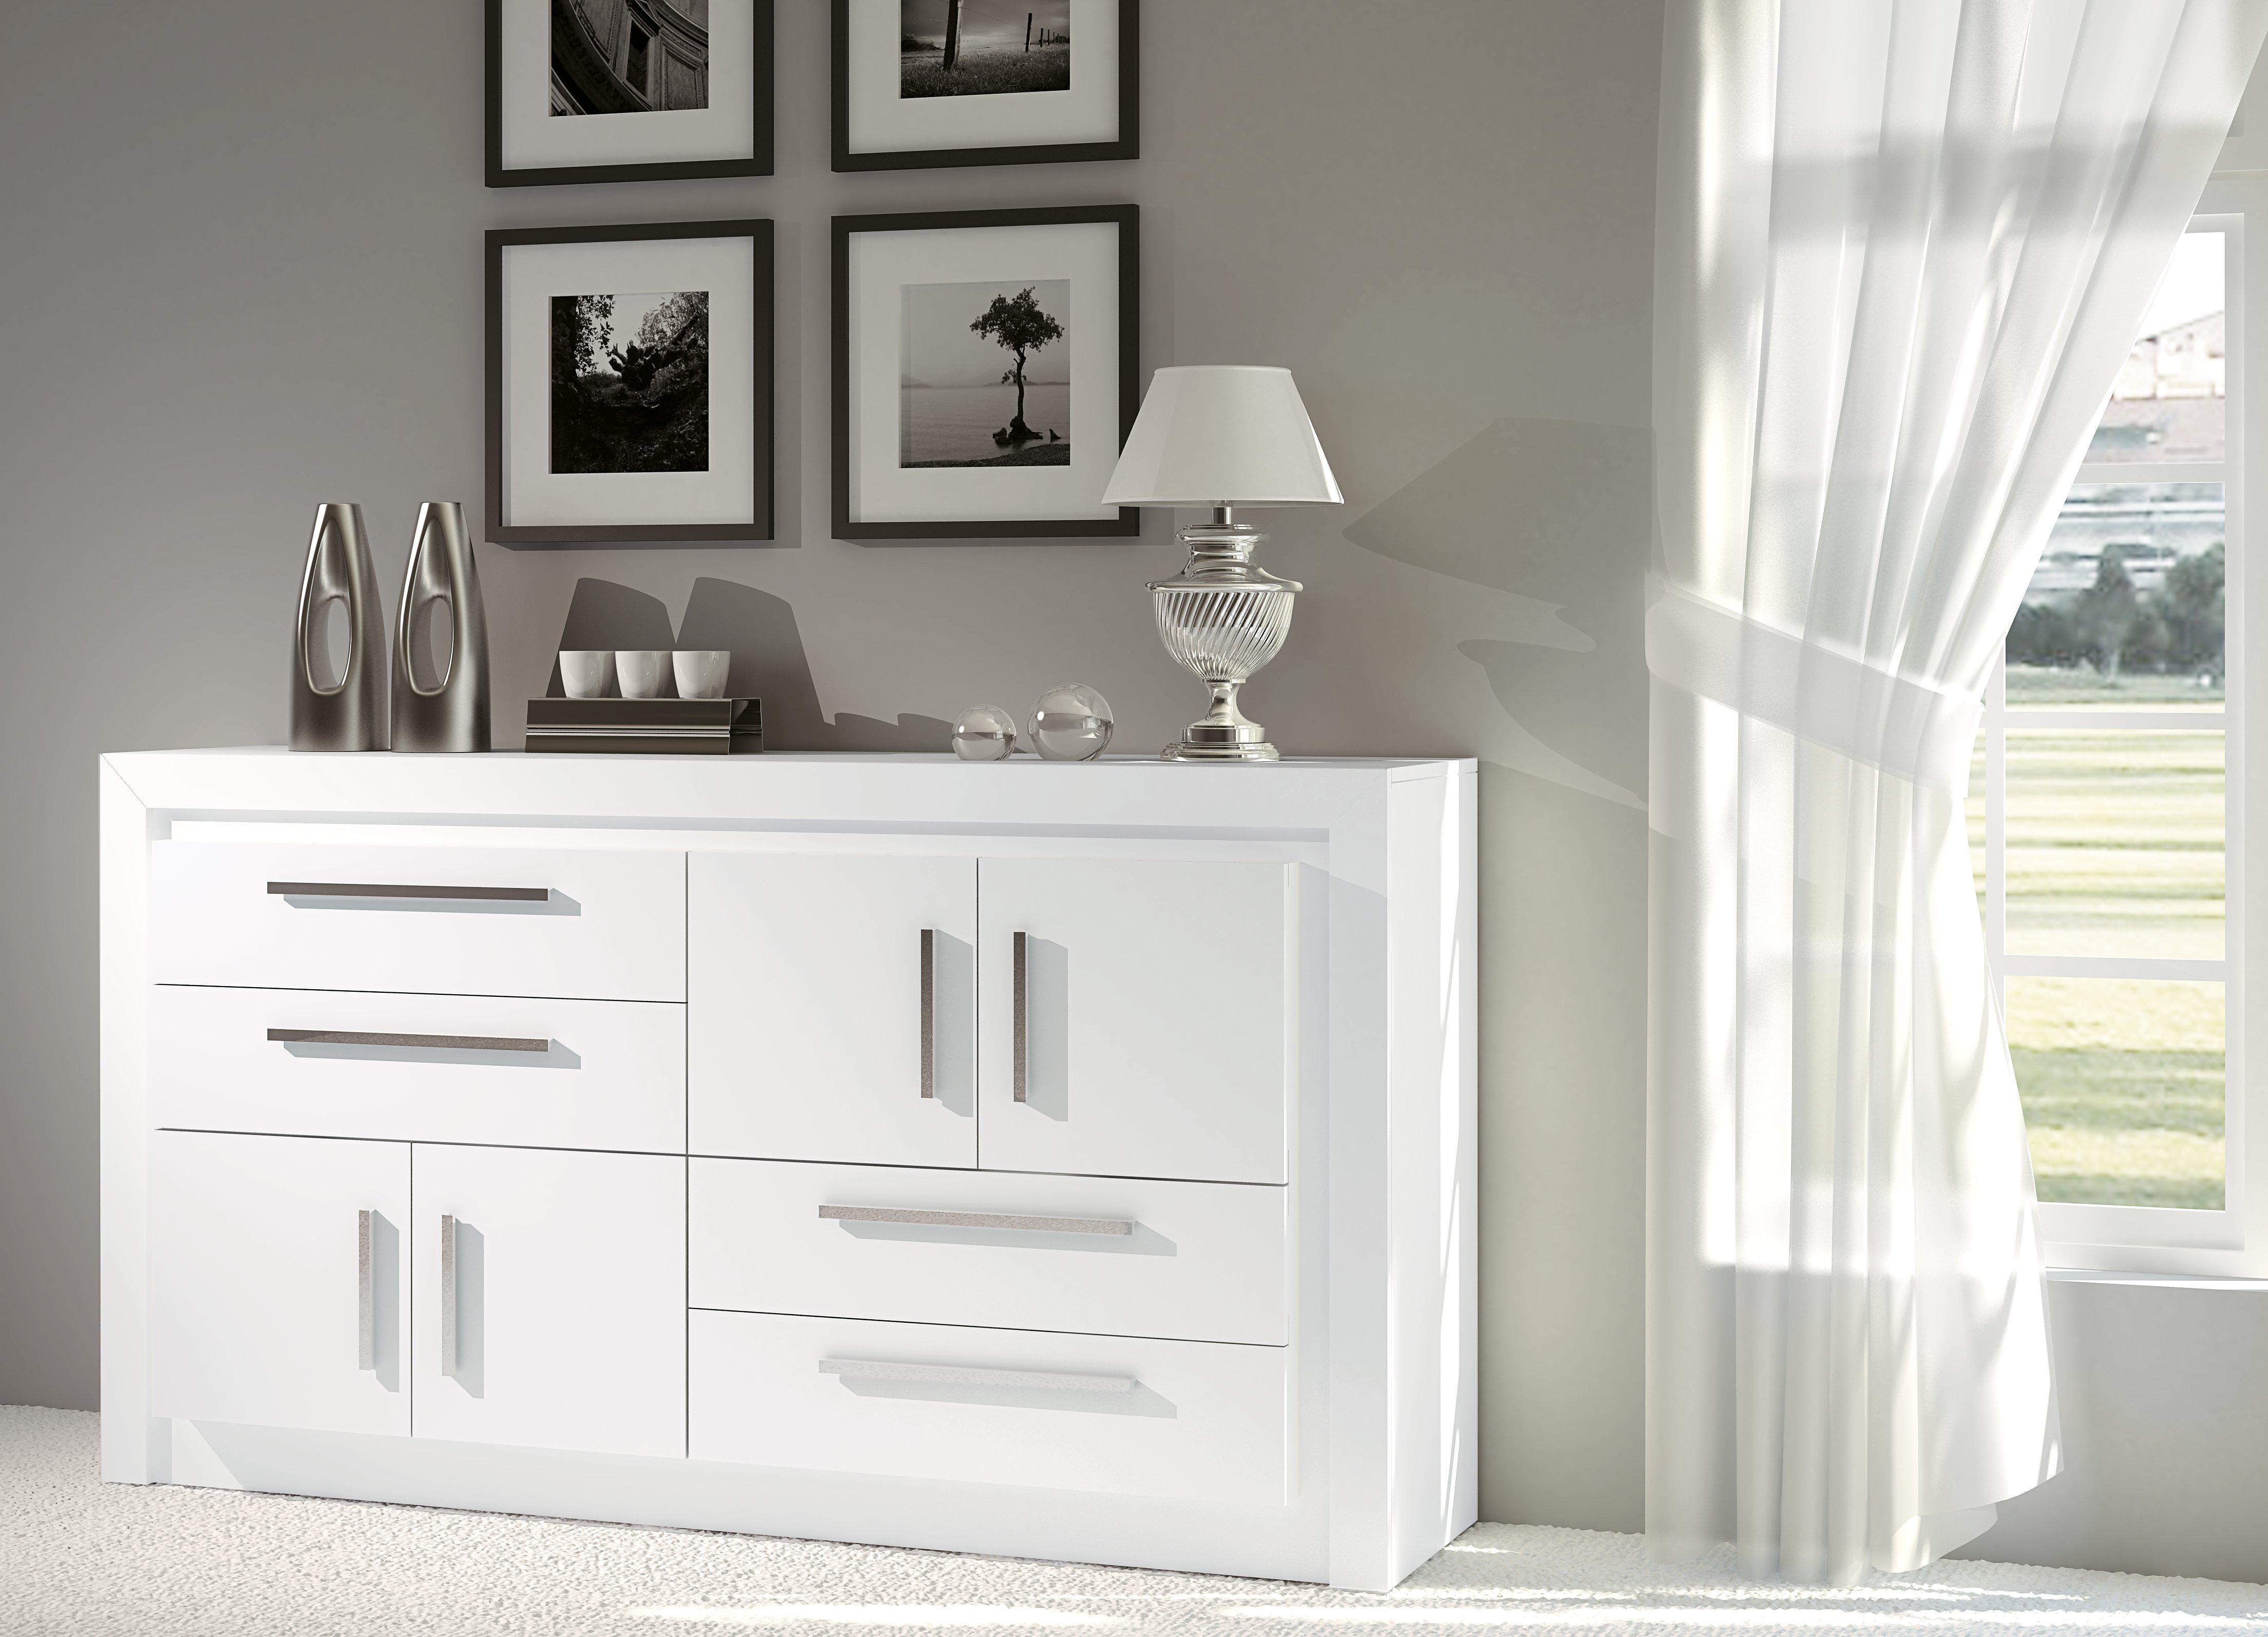 Spago muebles aparadores Lacado de muebles en blanco